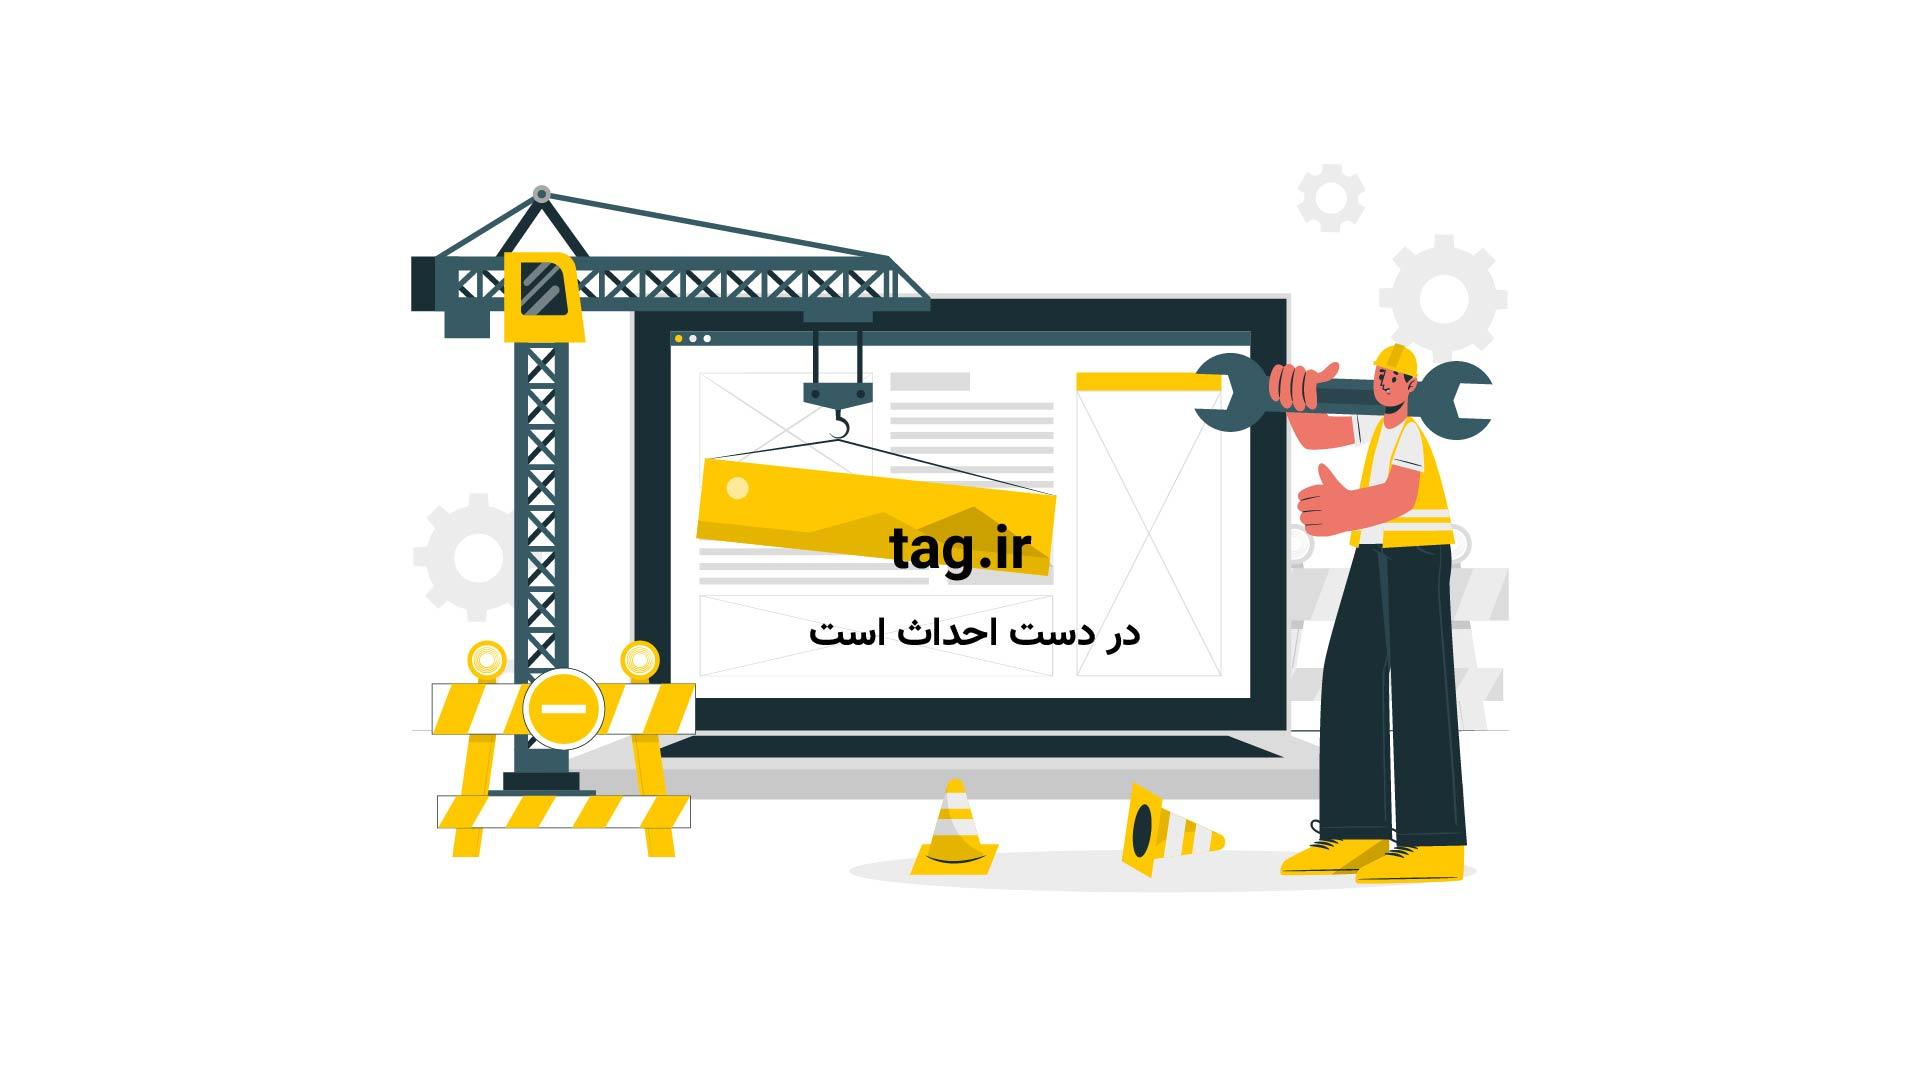 سه نامزد بهترین بازیکن جهان در سال ۲۰۱۷ | فیلم